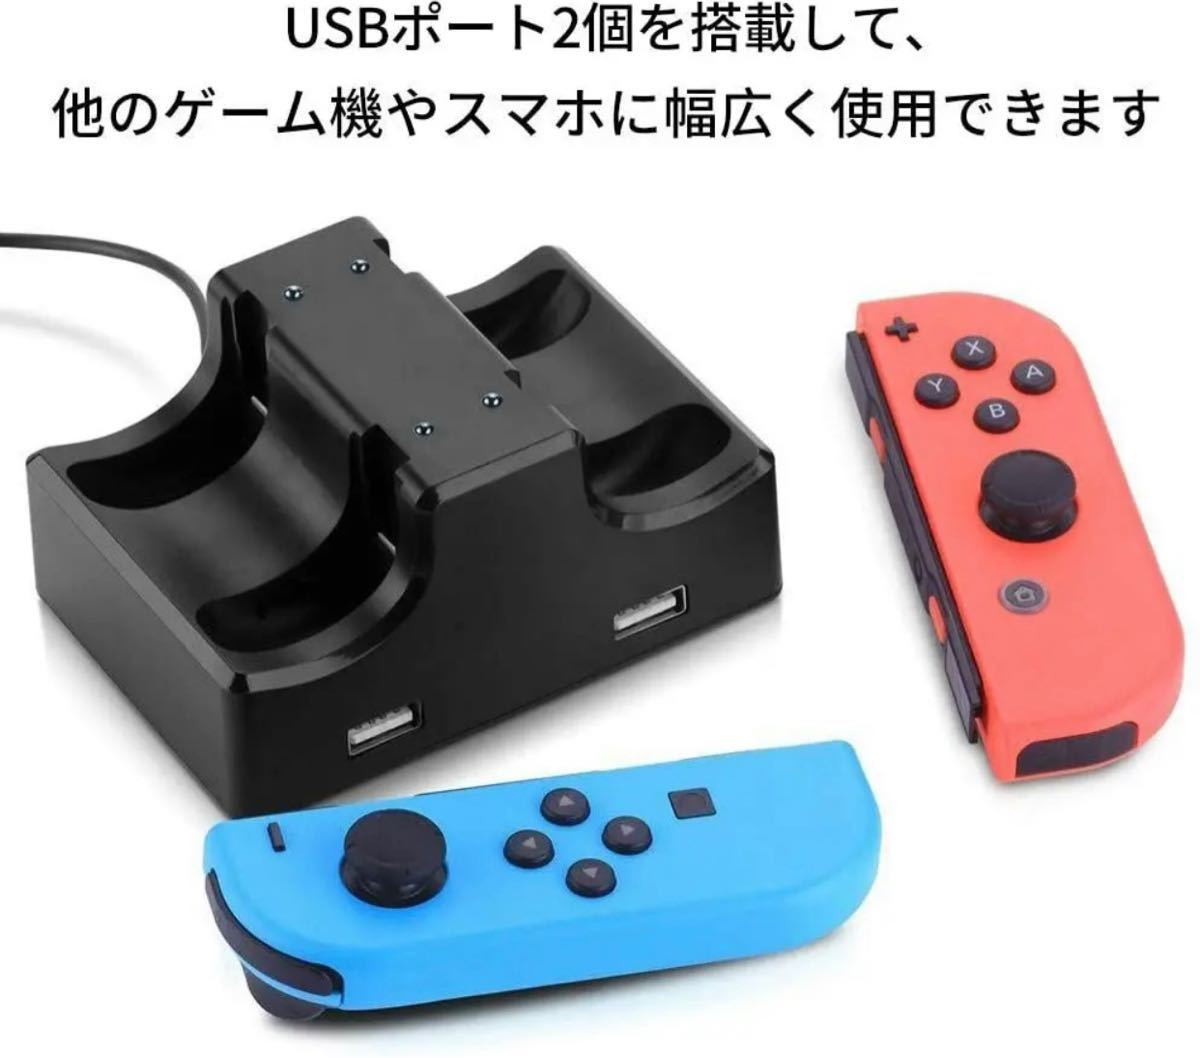 Switch スイッチ ジョイコン Joy-Con 充電器 USBポート スマホ